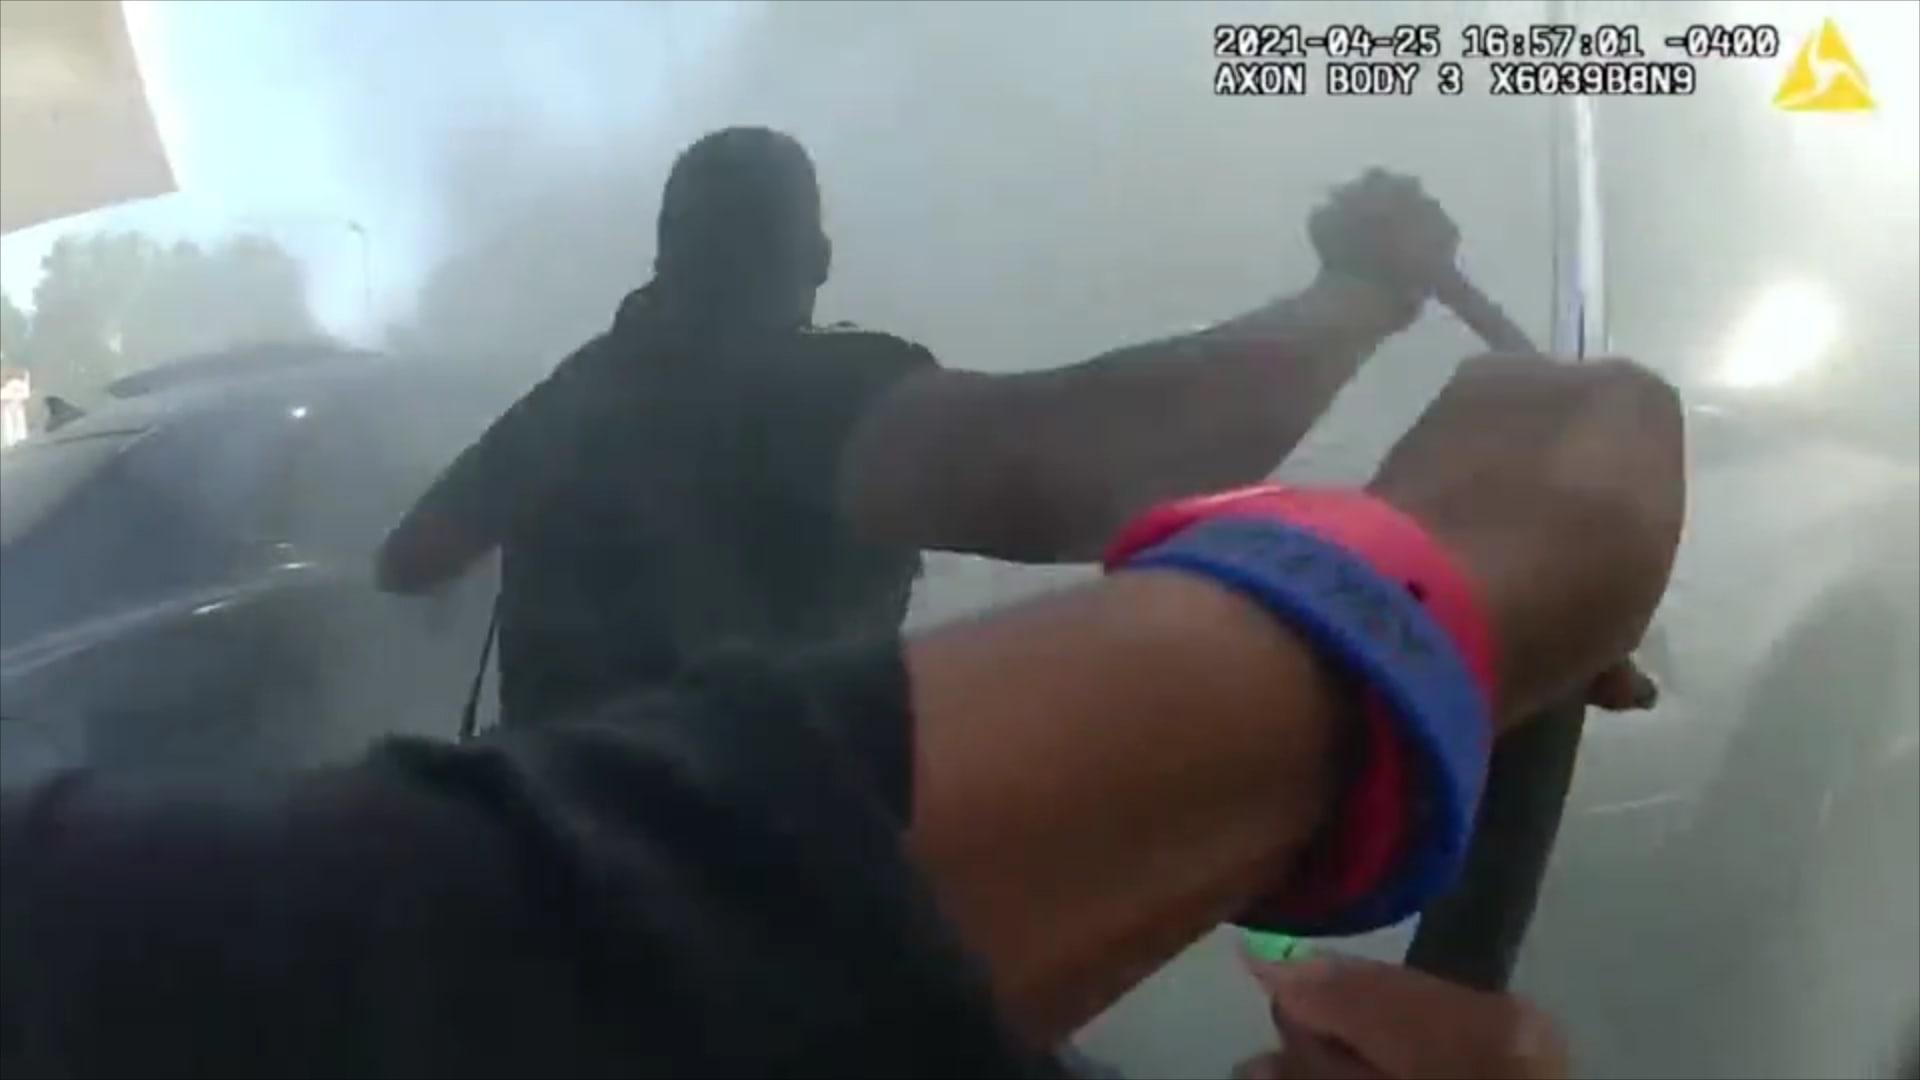 فيديو يظهر إنقاذ الشرطة لرجل أصيب بنوبة صرع أثناء قيادته سيارة مشتعلة